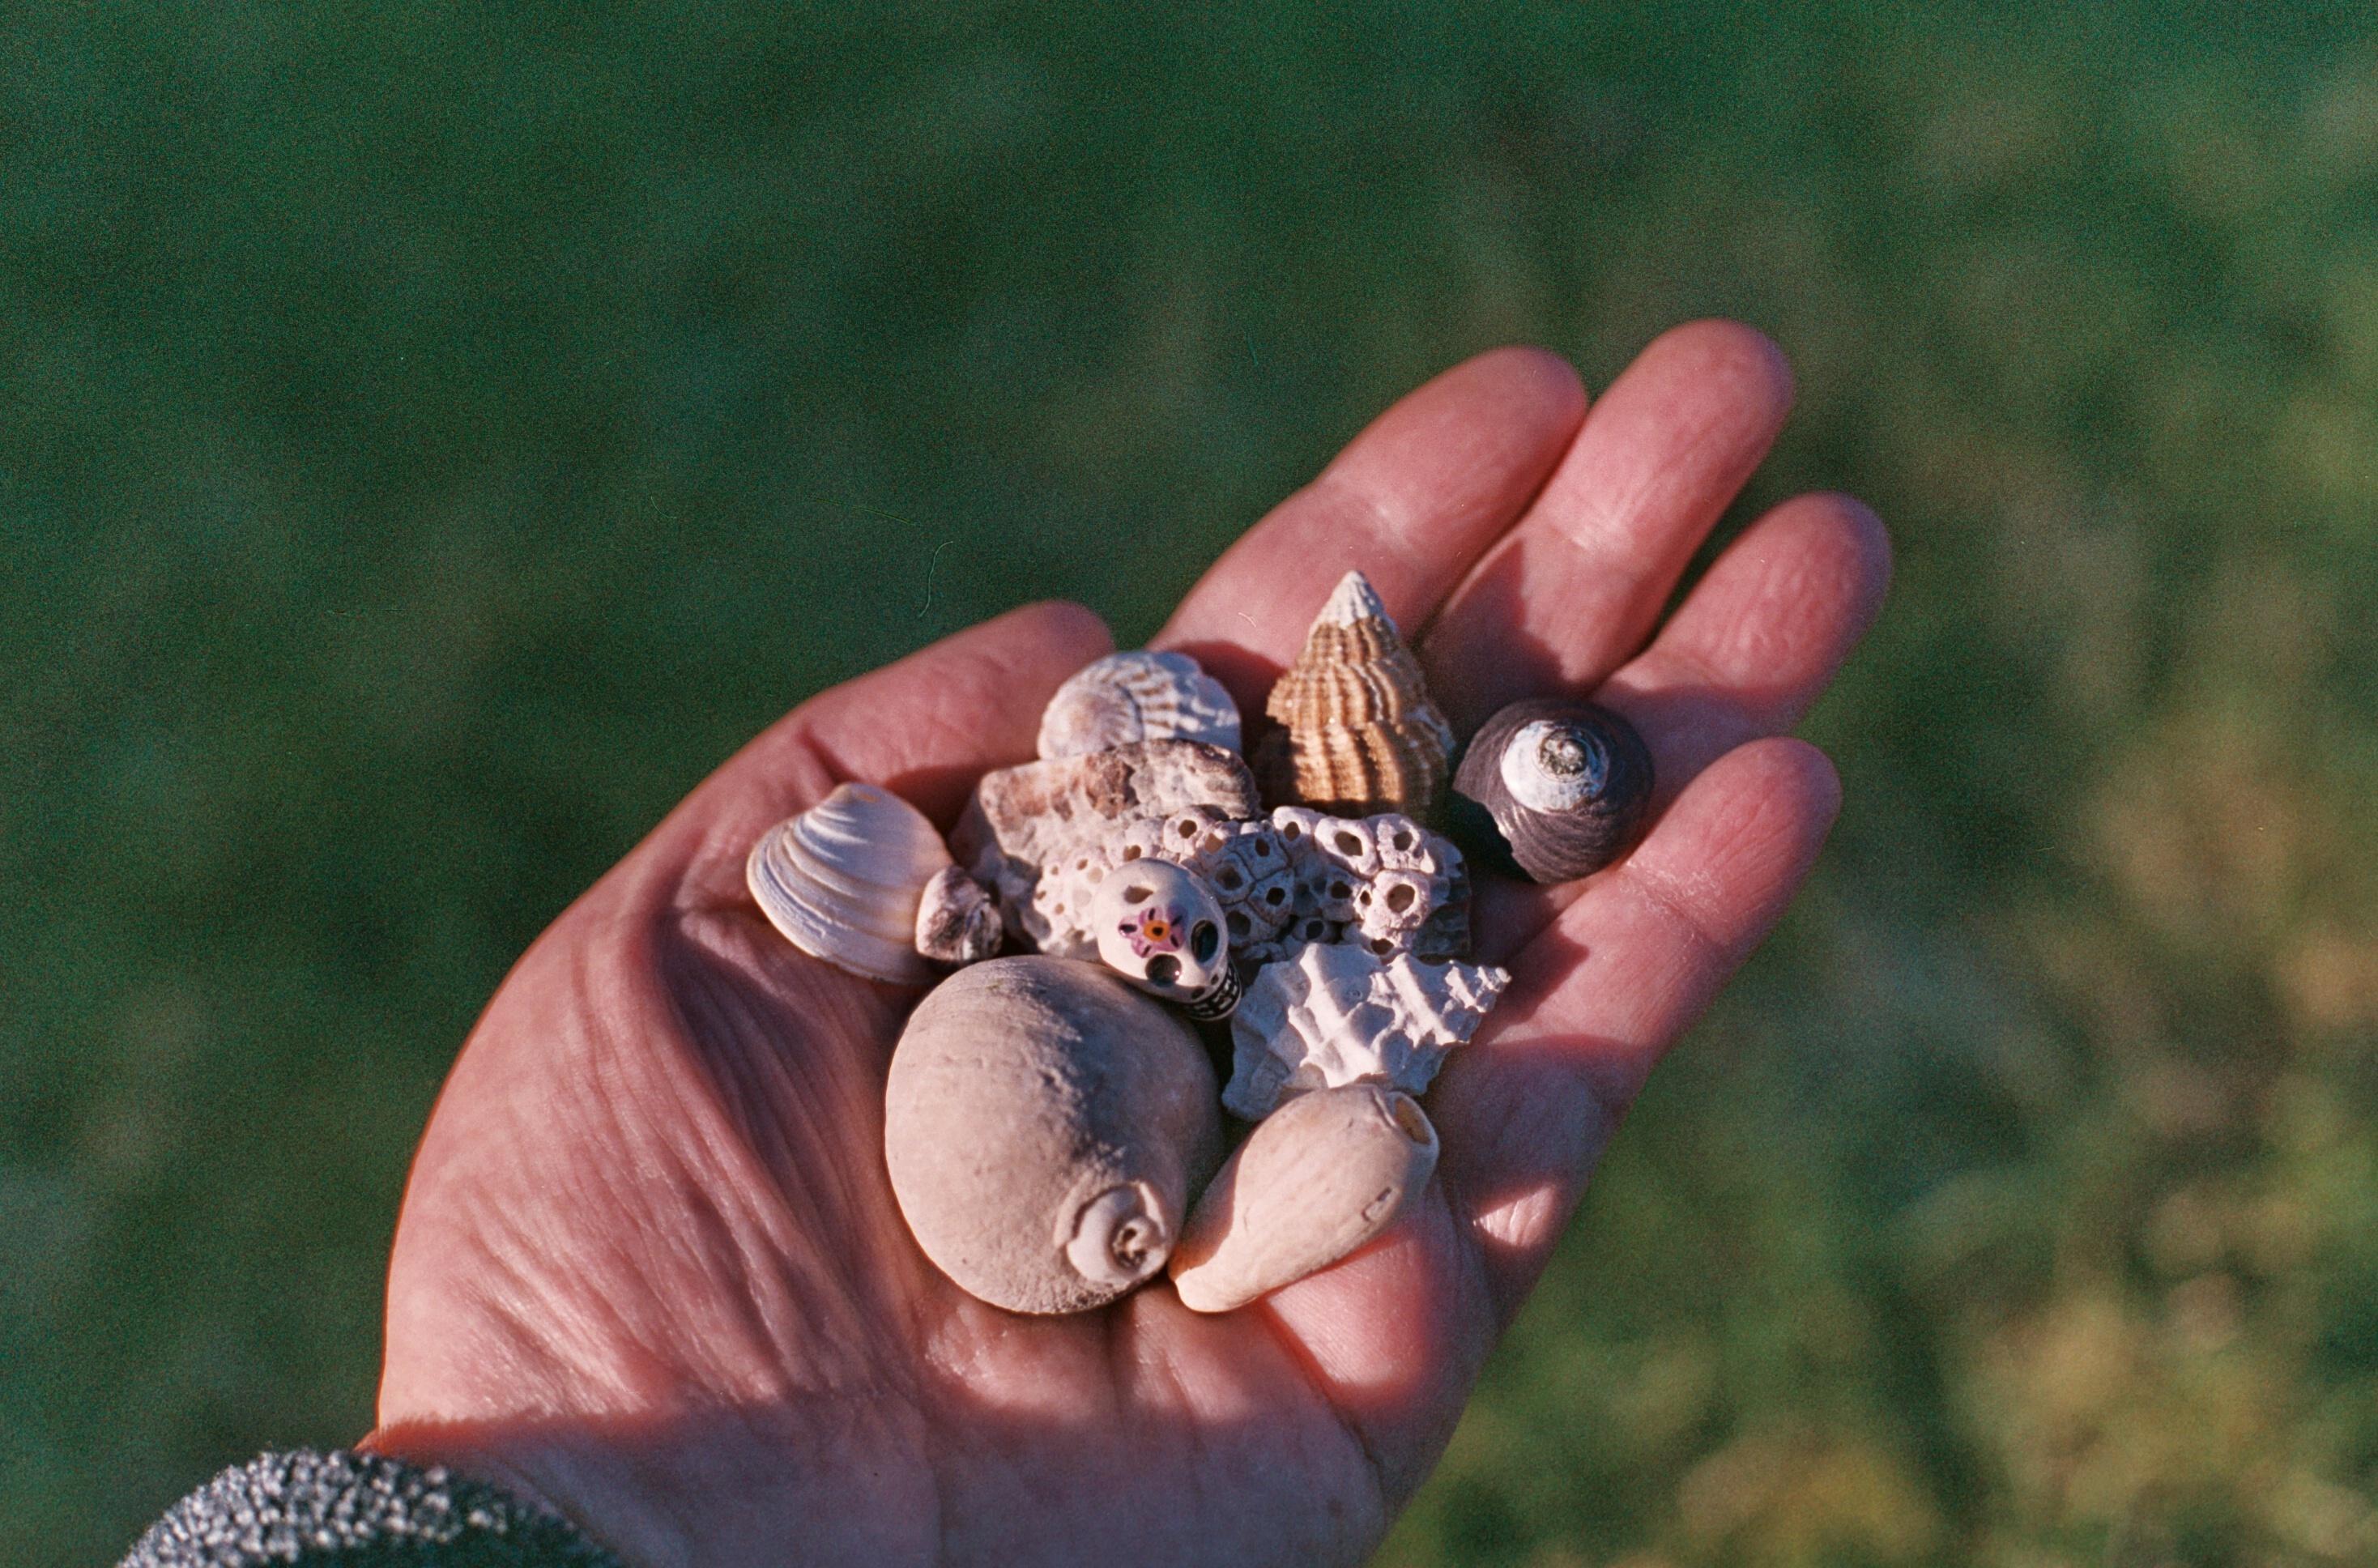 Fotos gratis : mano, fotografía, anillo, película, dedo, uña, Chile ...